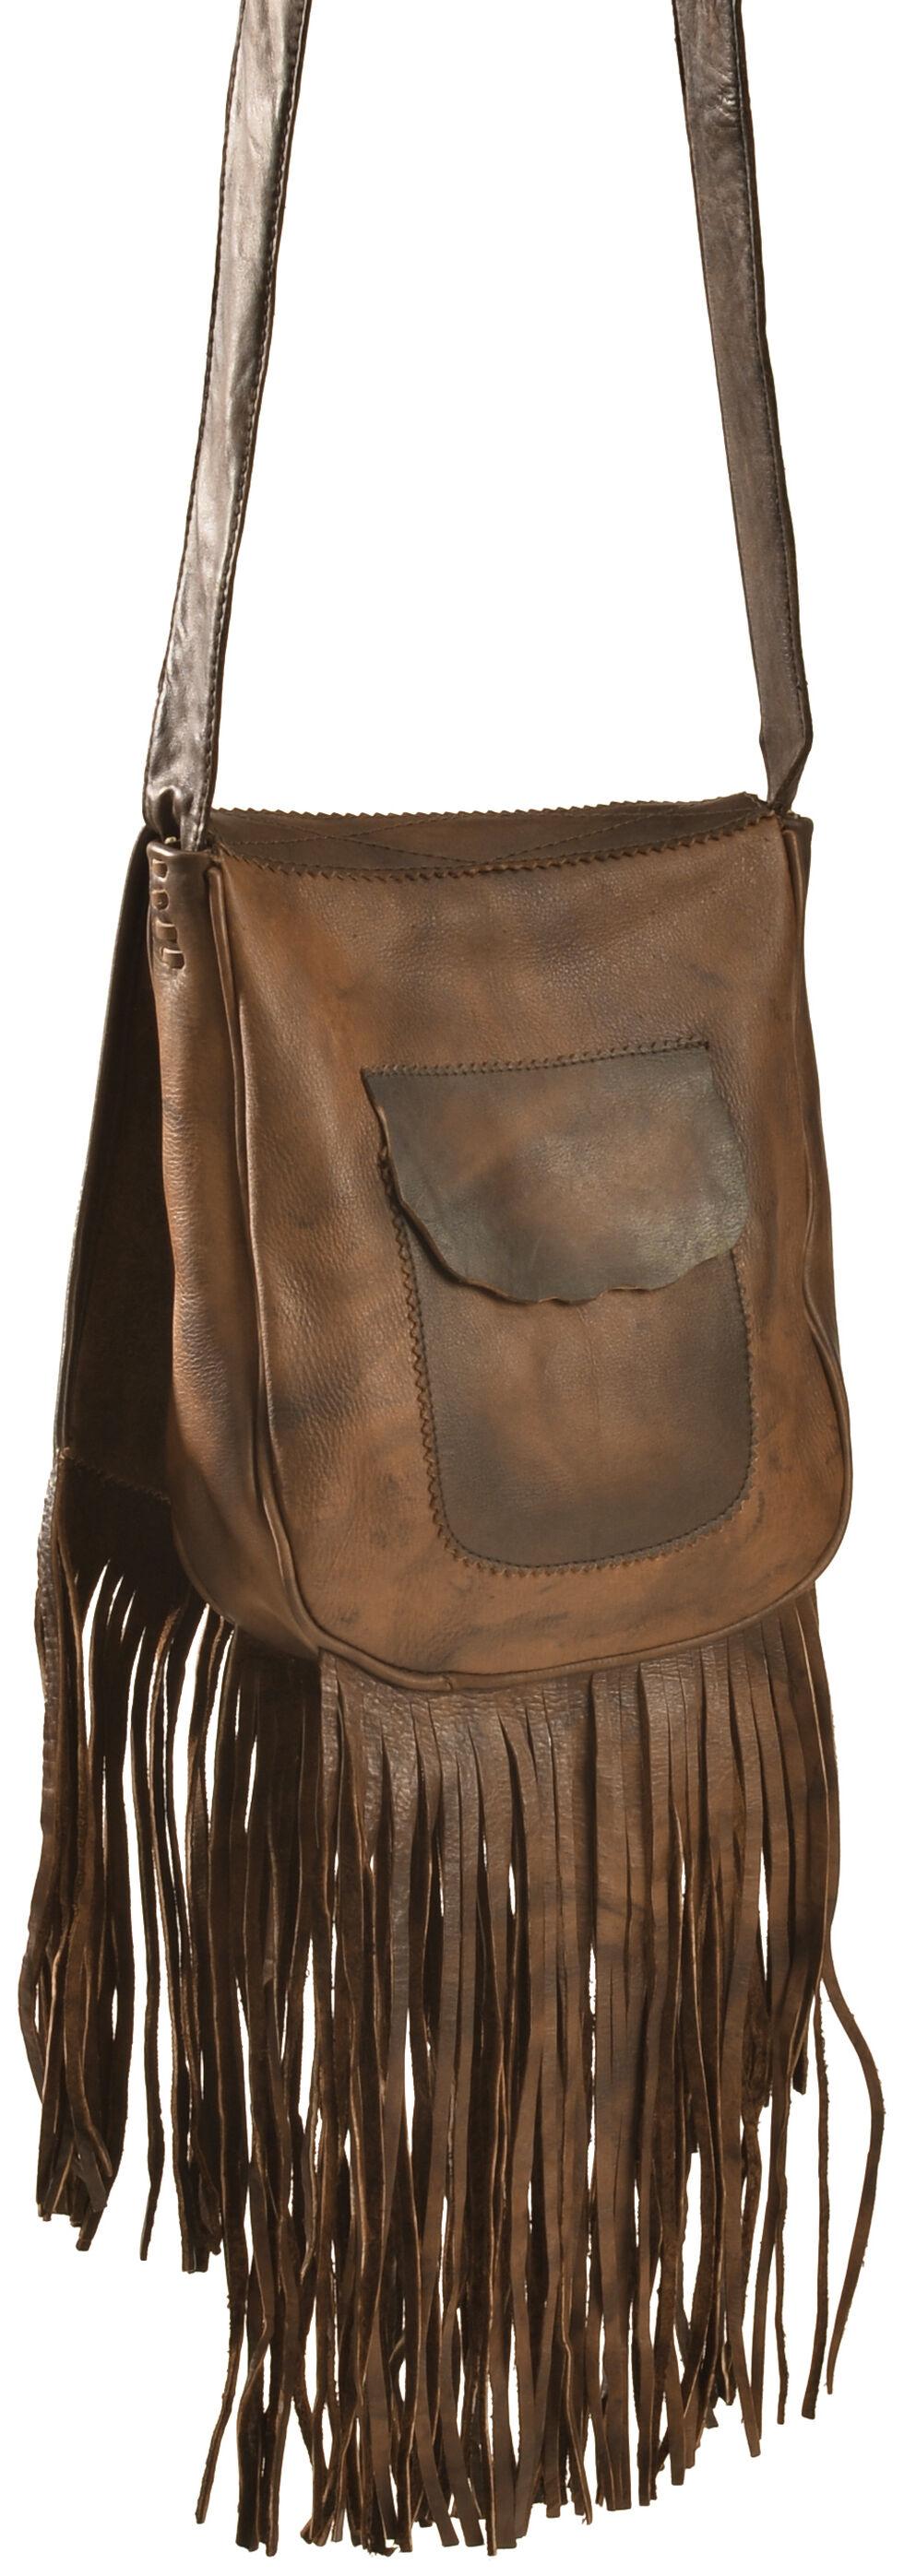 Kobler Leather Tan Shoulder Bag, Tan, hi-res